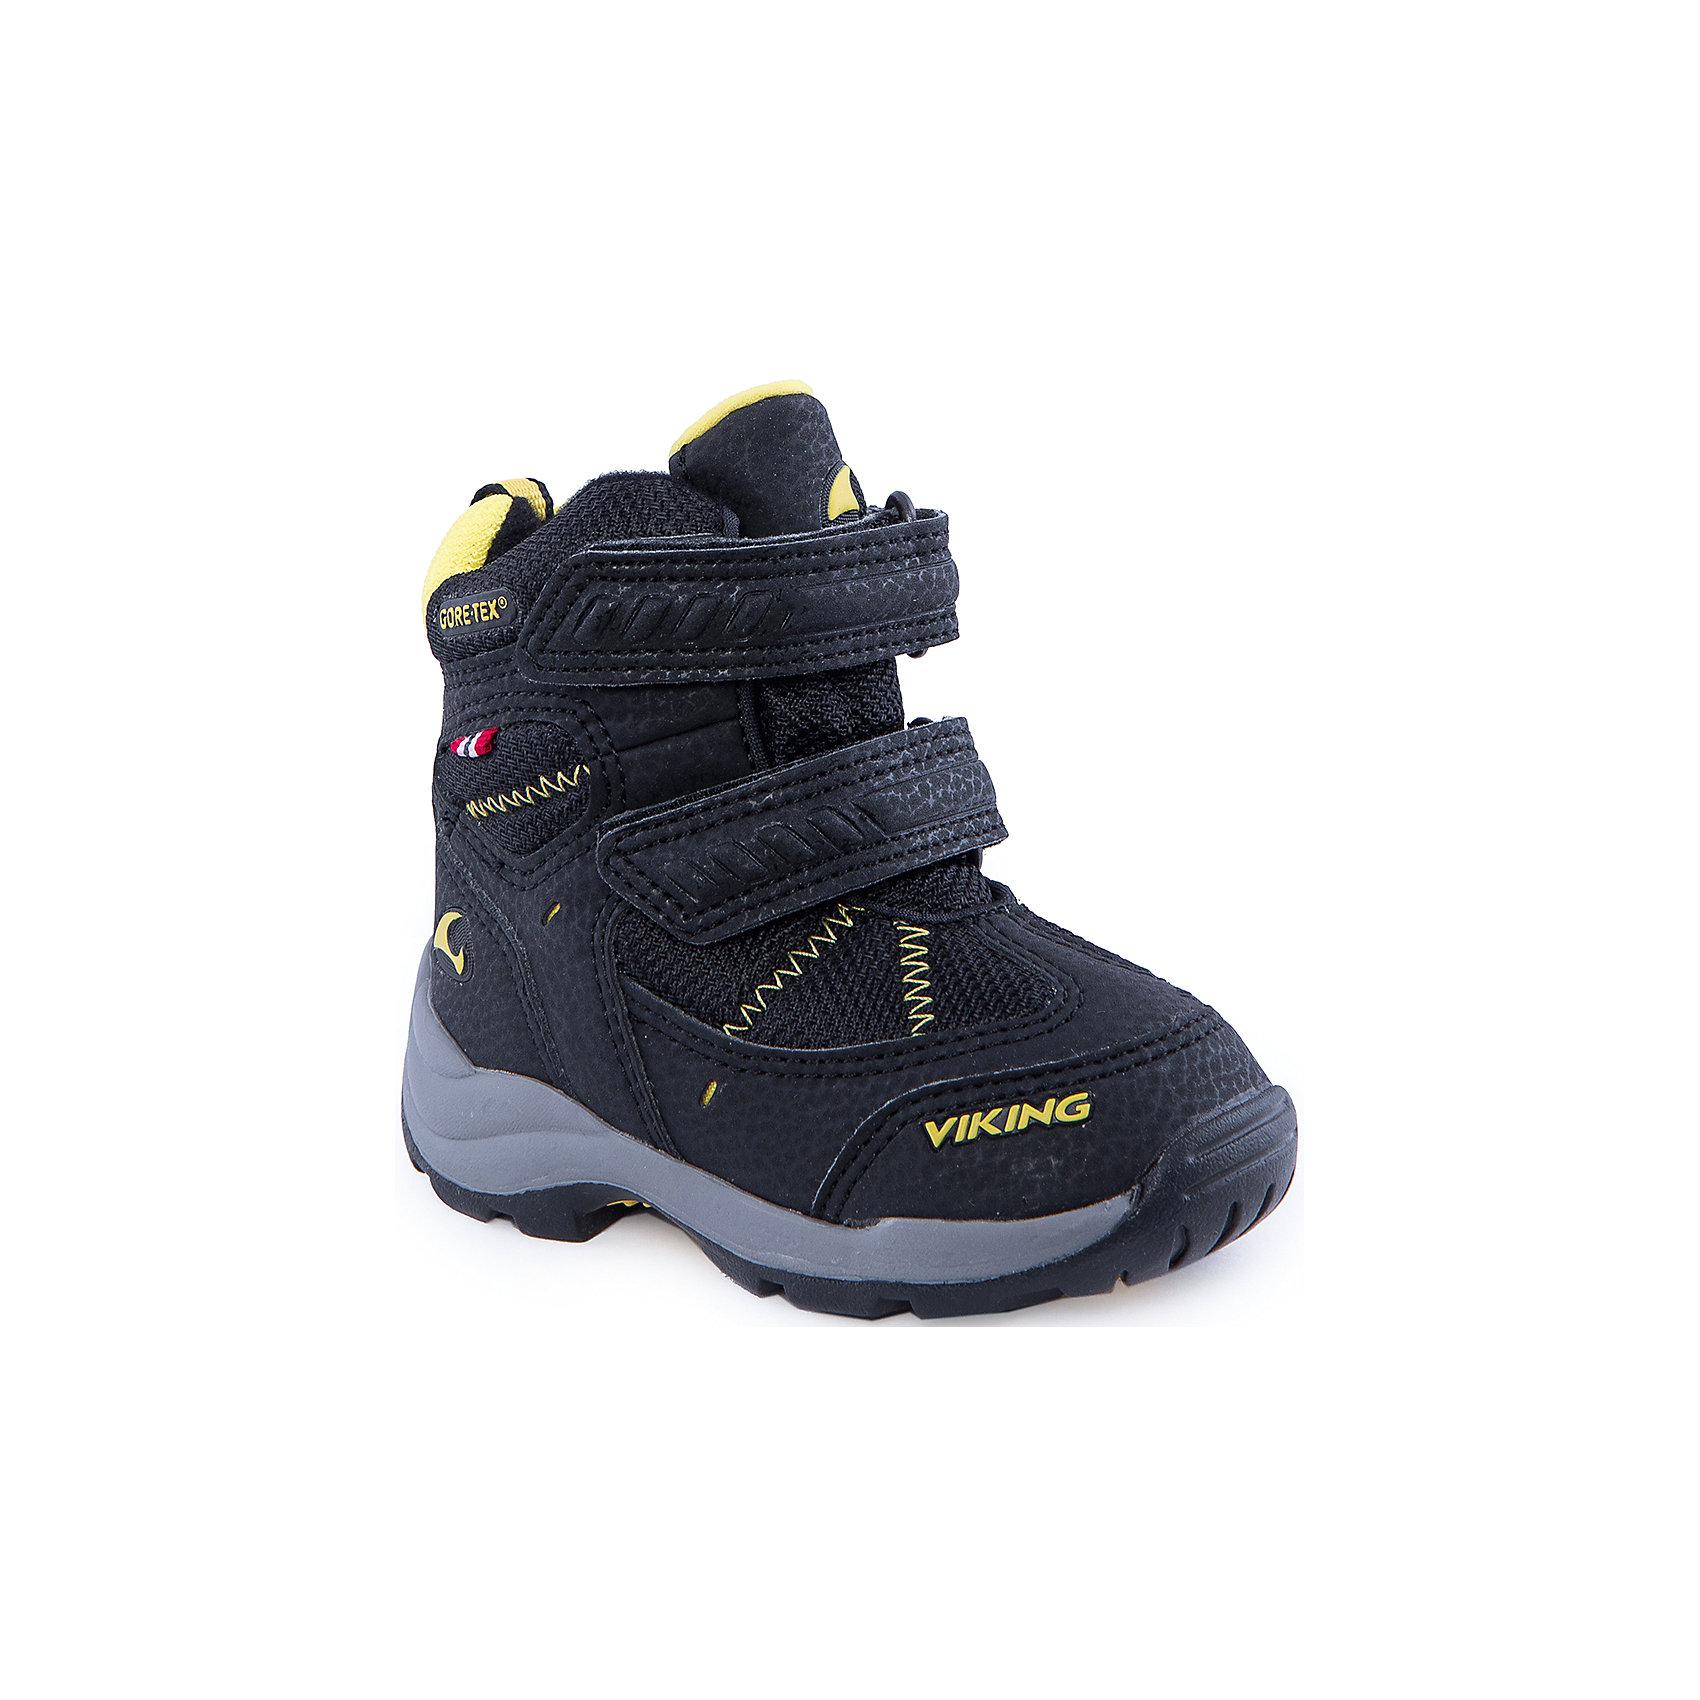 Ботинки для мальчика VIKINGЭта обувь подарит ребёнку максимальное тепло и комфорт в зимний день. Лёгкие и прочные, ботинки позволят ребёнку играть в любые, самые активные игры. Удобная система липучек гарантирует возможность быстро одеть и зафиксировать обувь точно по ноге. Мембрана GORE-TEX® обеспечит водонепроницаемость, позволяя ногам дышать, а шерстяная подкладка подарит тепло. Натуральная резиновая подошва придаст уверенности на скользких поверхностях, а светоотражающие элементы позволят ребёнку оставаться на виду после наступления темноты.<br>Состав: Материал верха: 60% текстиль, 40% искусственная кожа<br>Материал подклада: текстиль<br><br>Ширина мм: 262<br>Глубина мм: 176<br>Высота мм: 97<br>Вес г: 427<br>Цвет: черный<br>Возраст от месяцев: 21<br>Возраст до месяцев: 24<br>Пол: Мужской<br>Возраст: Детский<br>Размер: 29,25,20,22,26,28,21,23,24,27<br>SKU: 4279127